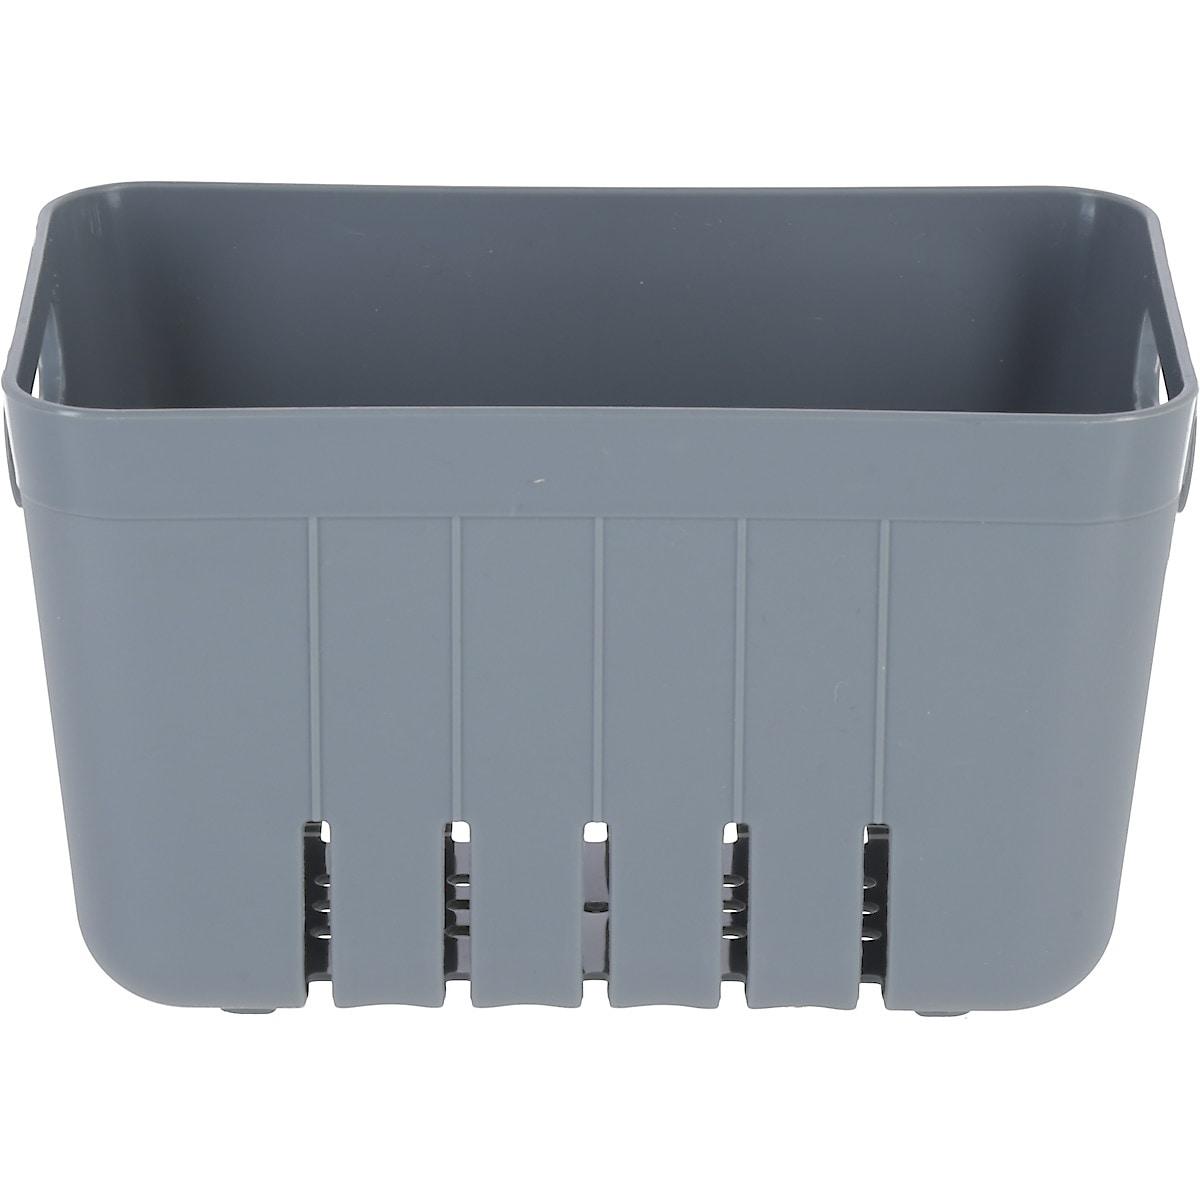 Lebensmittelbehälter mit Deckel für Kühlschrank, Coline 2er-Pack